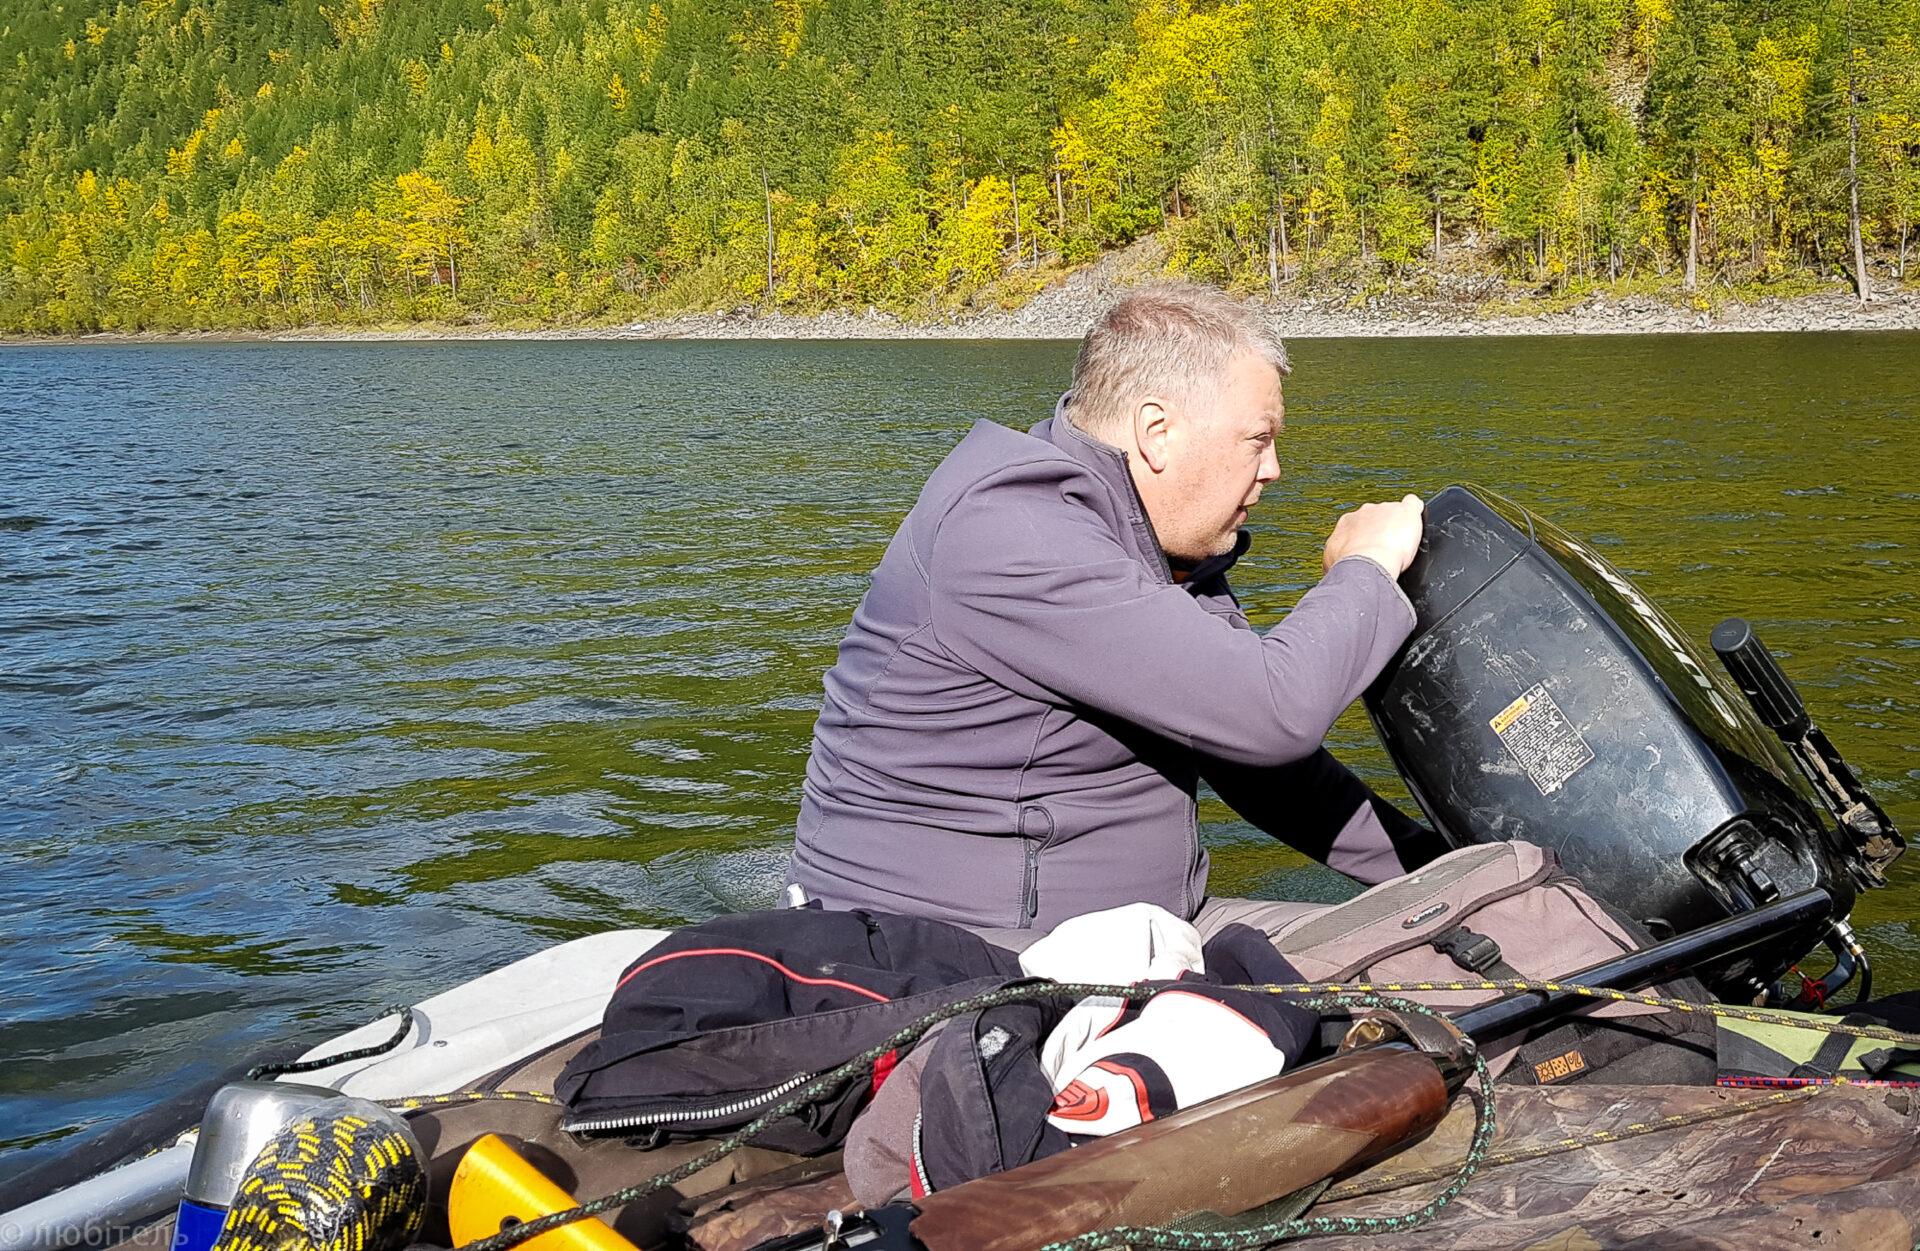 Плыла-качалась лодочка, дапоТомпо-реке. Часть 4